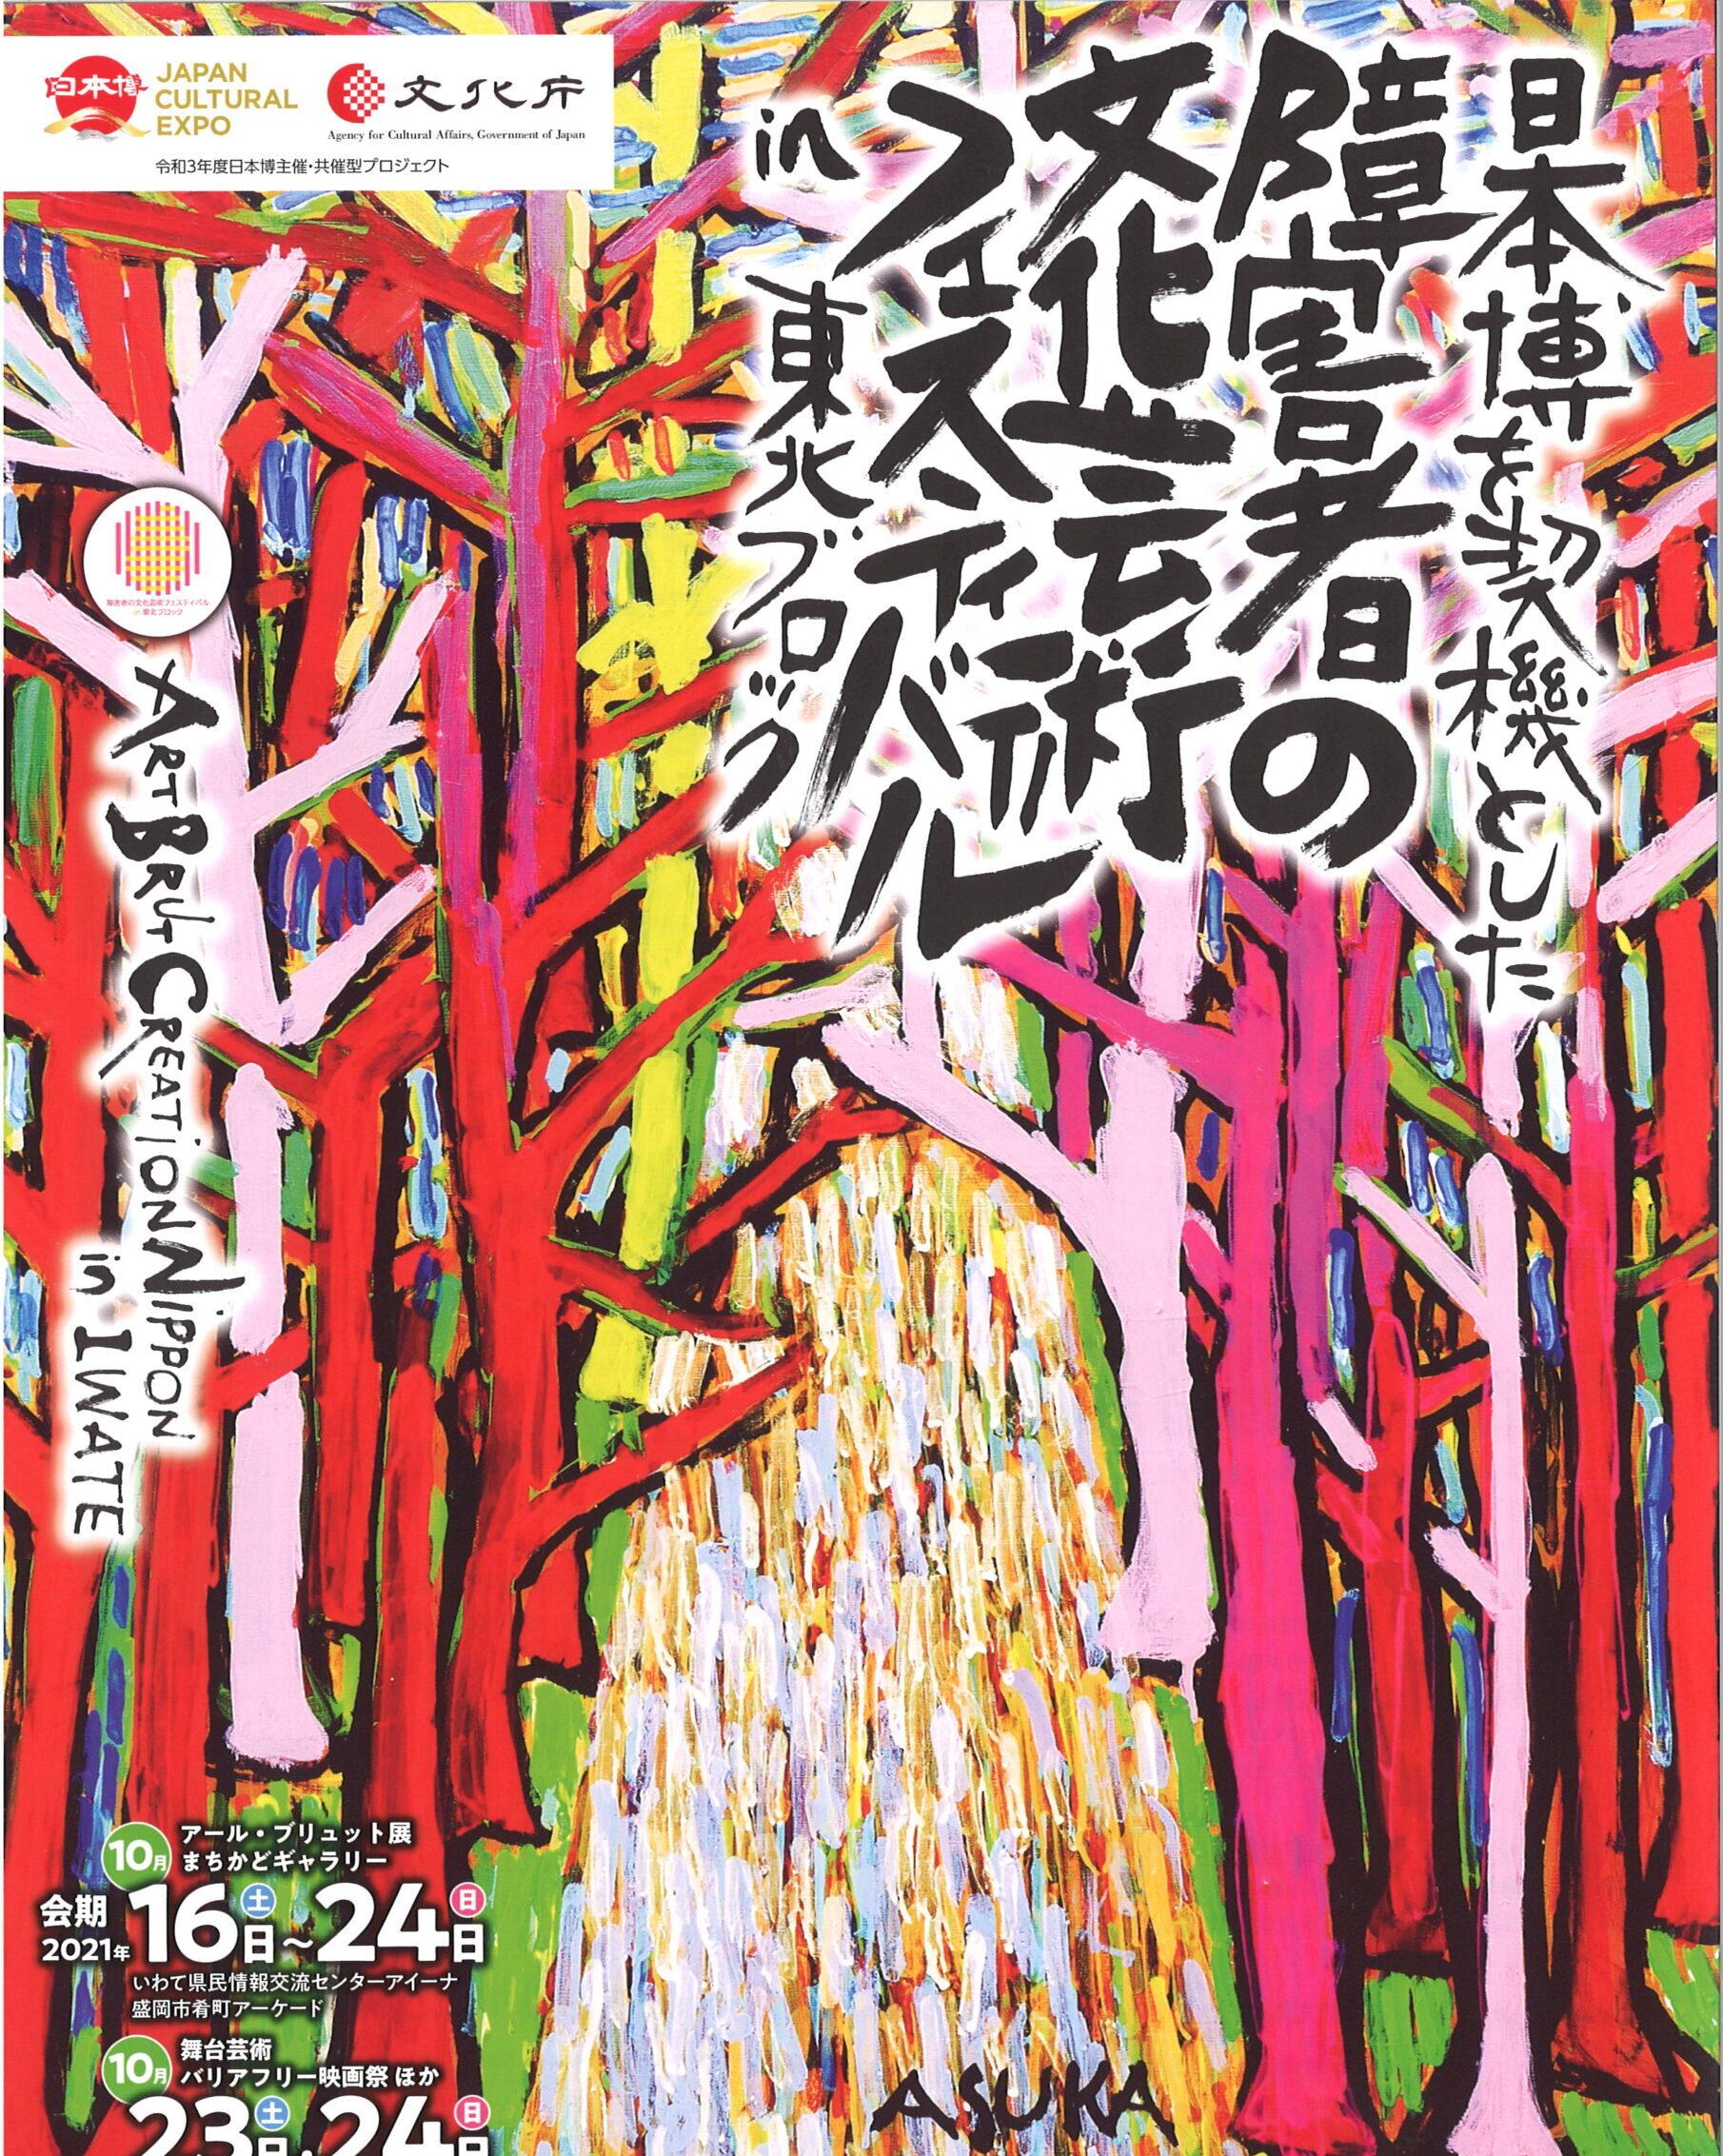 「日本博を契機とした障害者の文化芸術フェスティバルin東北ブロック」